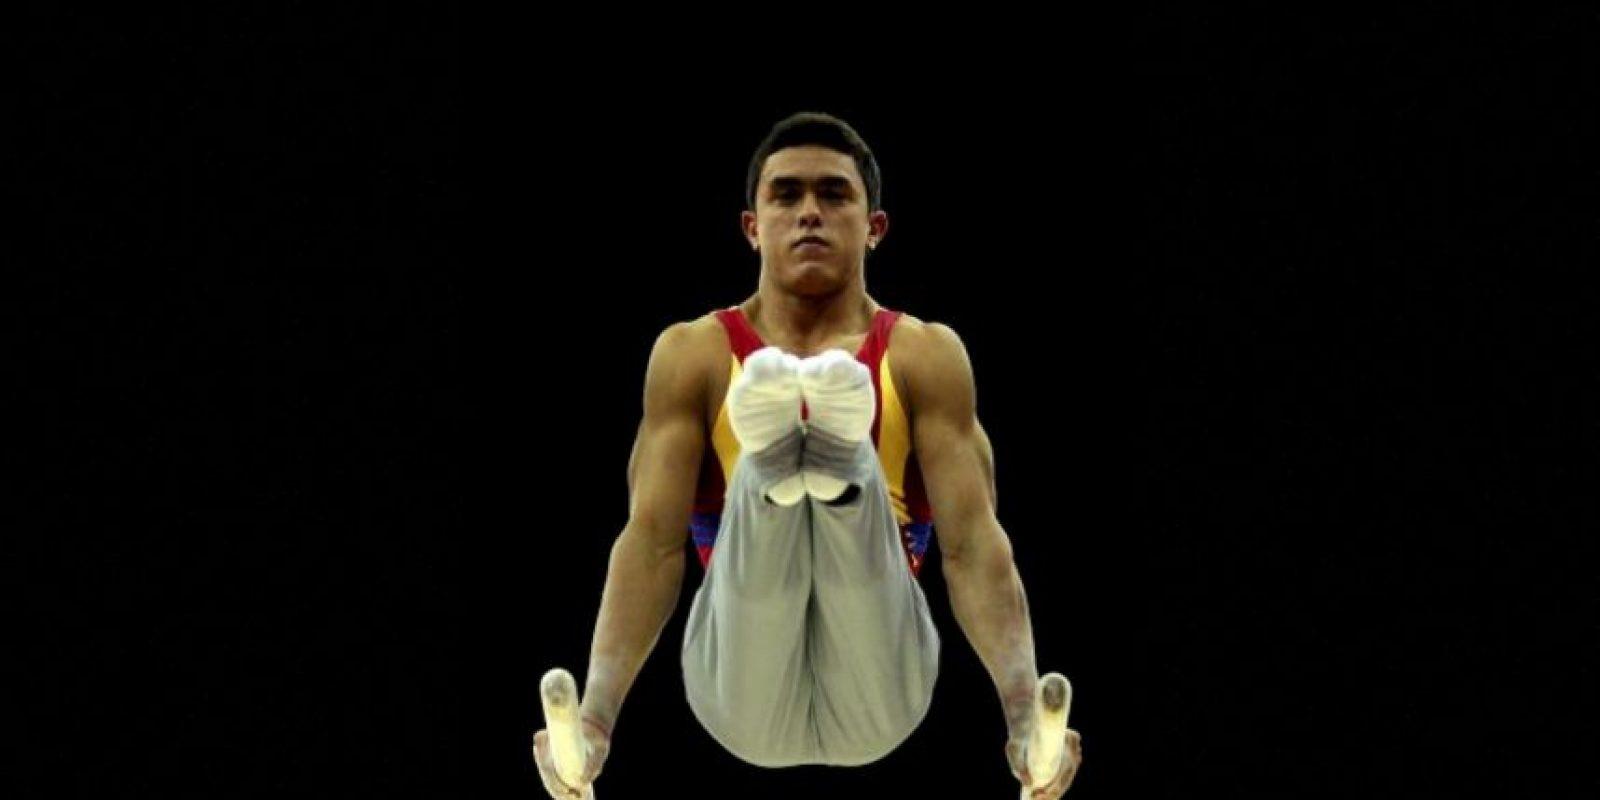 El colombiano se hizo con cinco medallas en gimnasia artística Foto:Getty Images